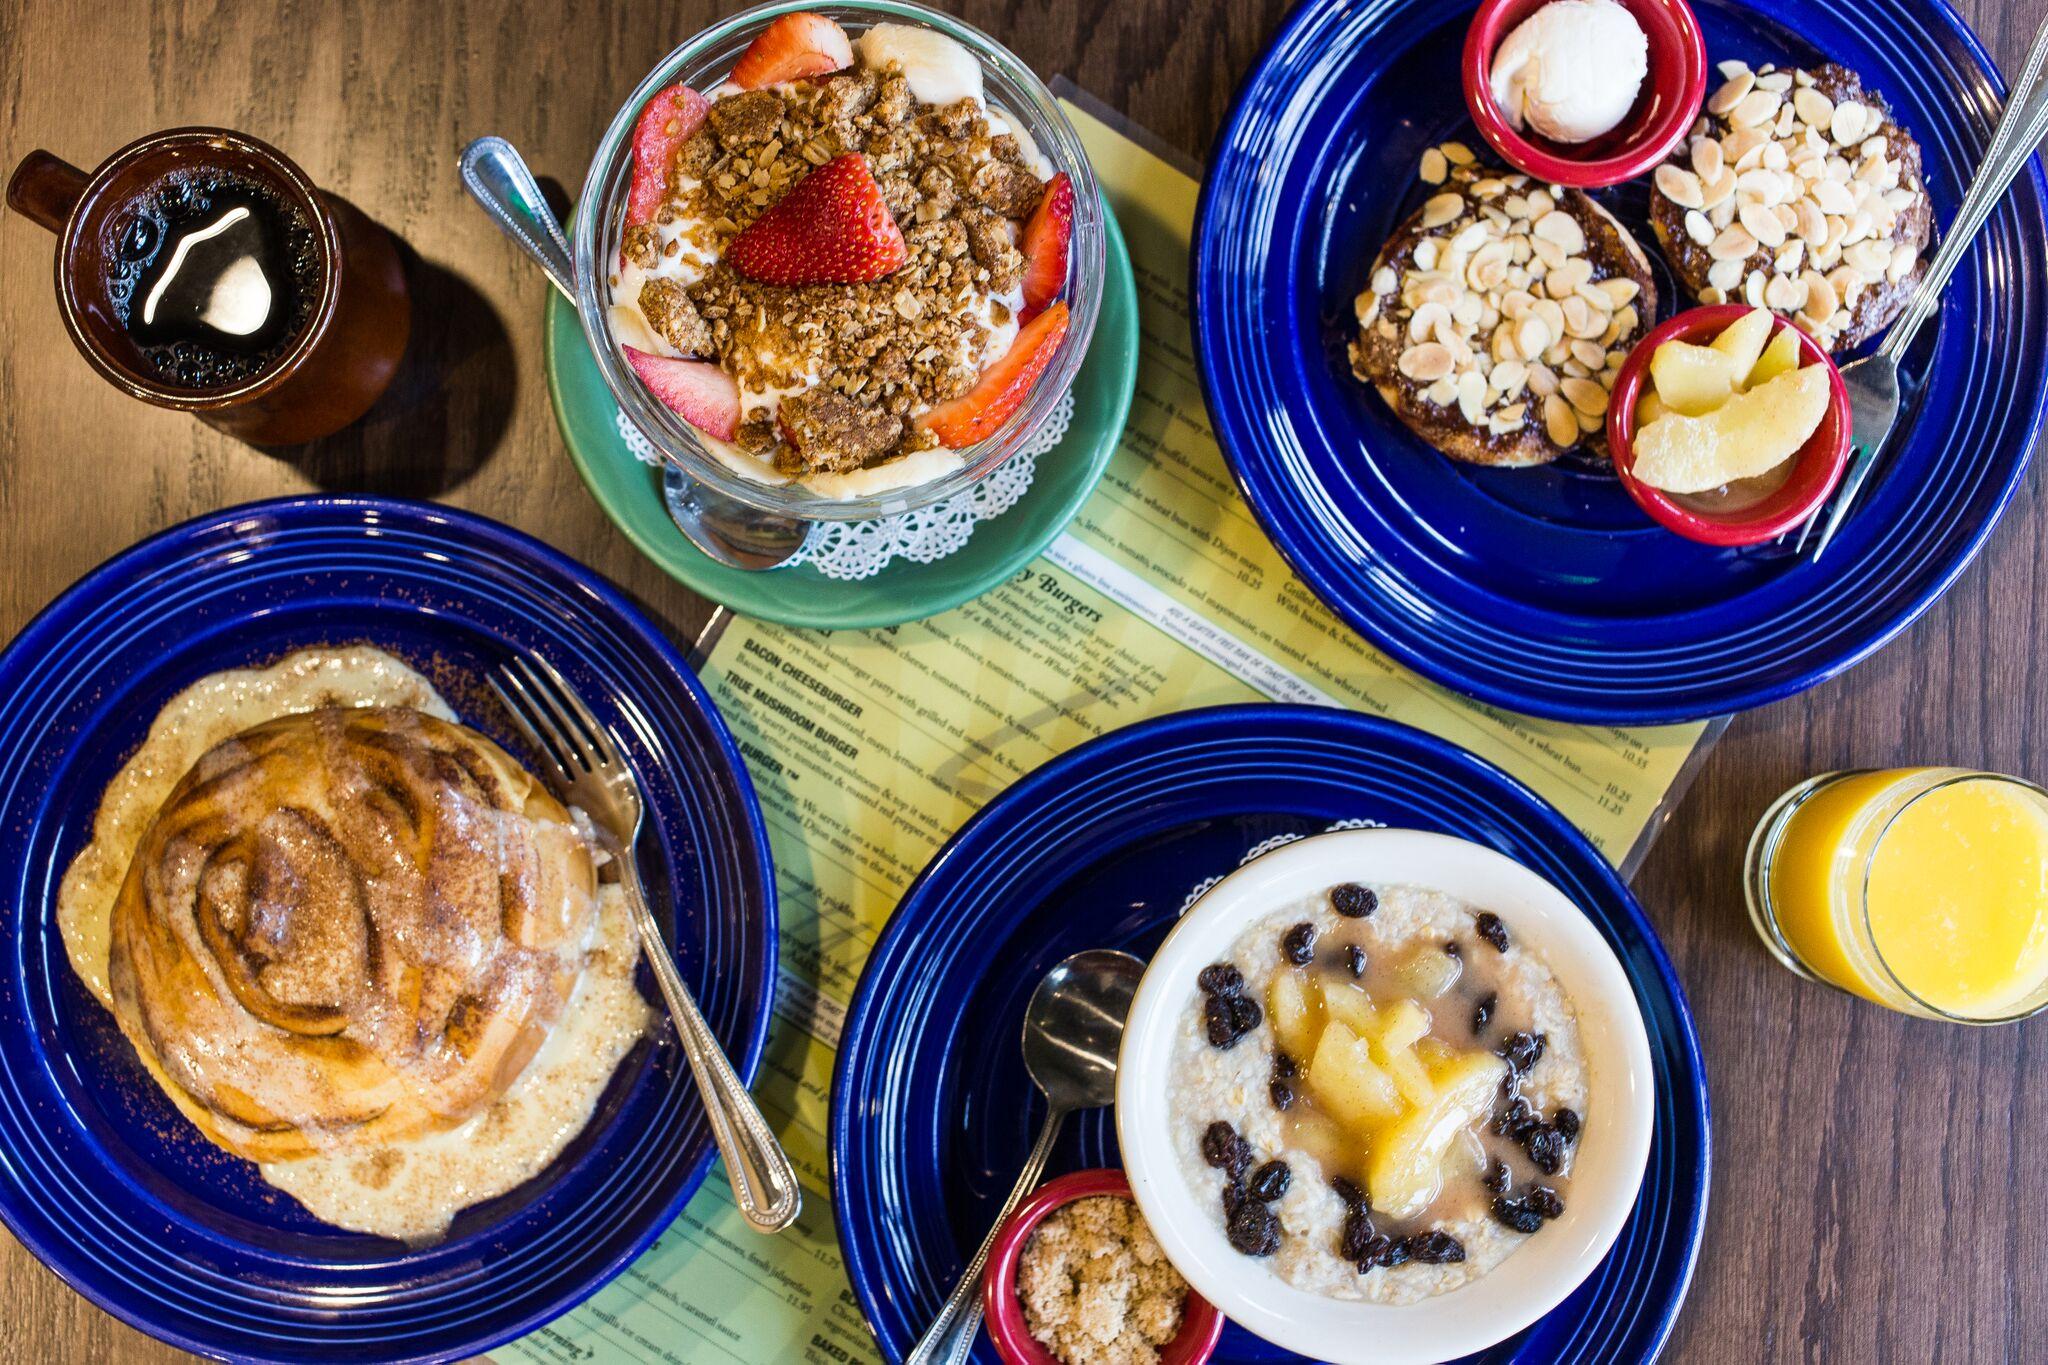 Le Peep breakfasts